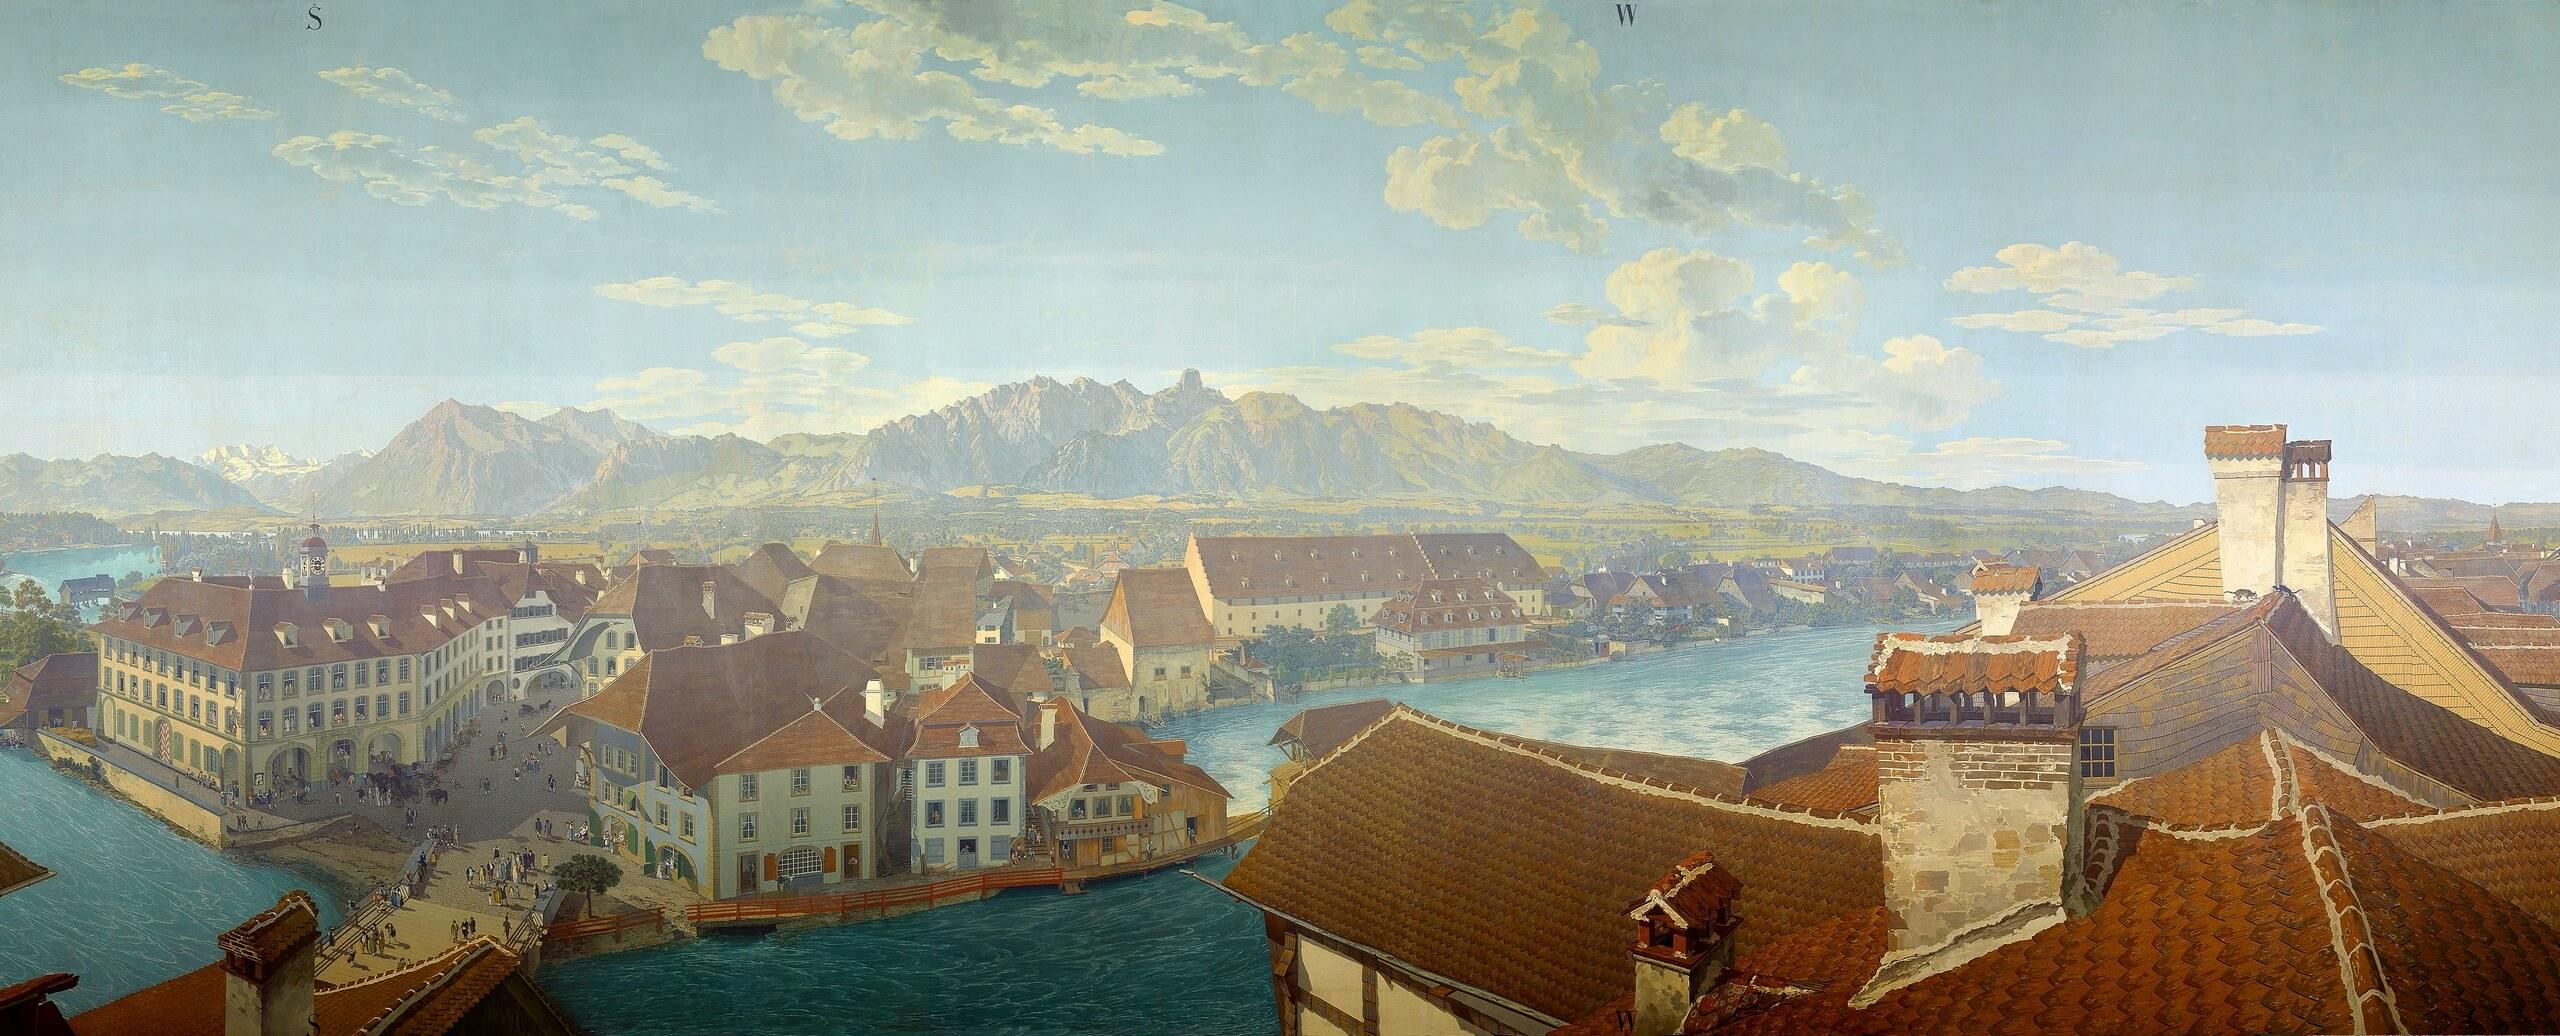 thun-panorama-ausstellung-stadt-thun